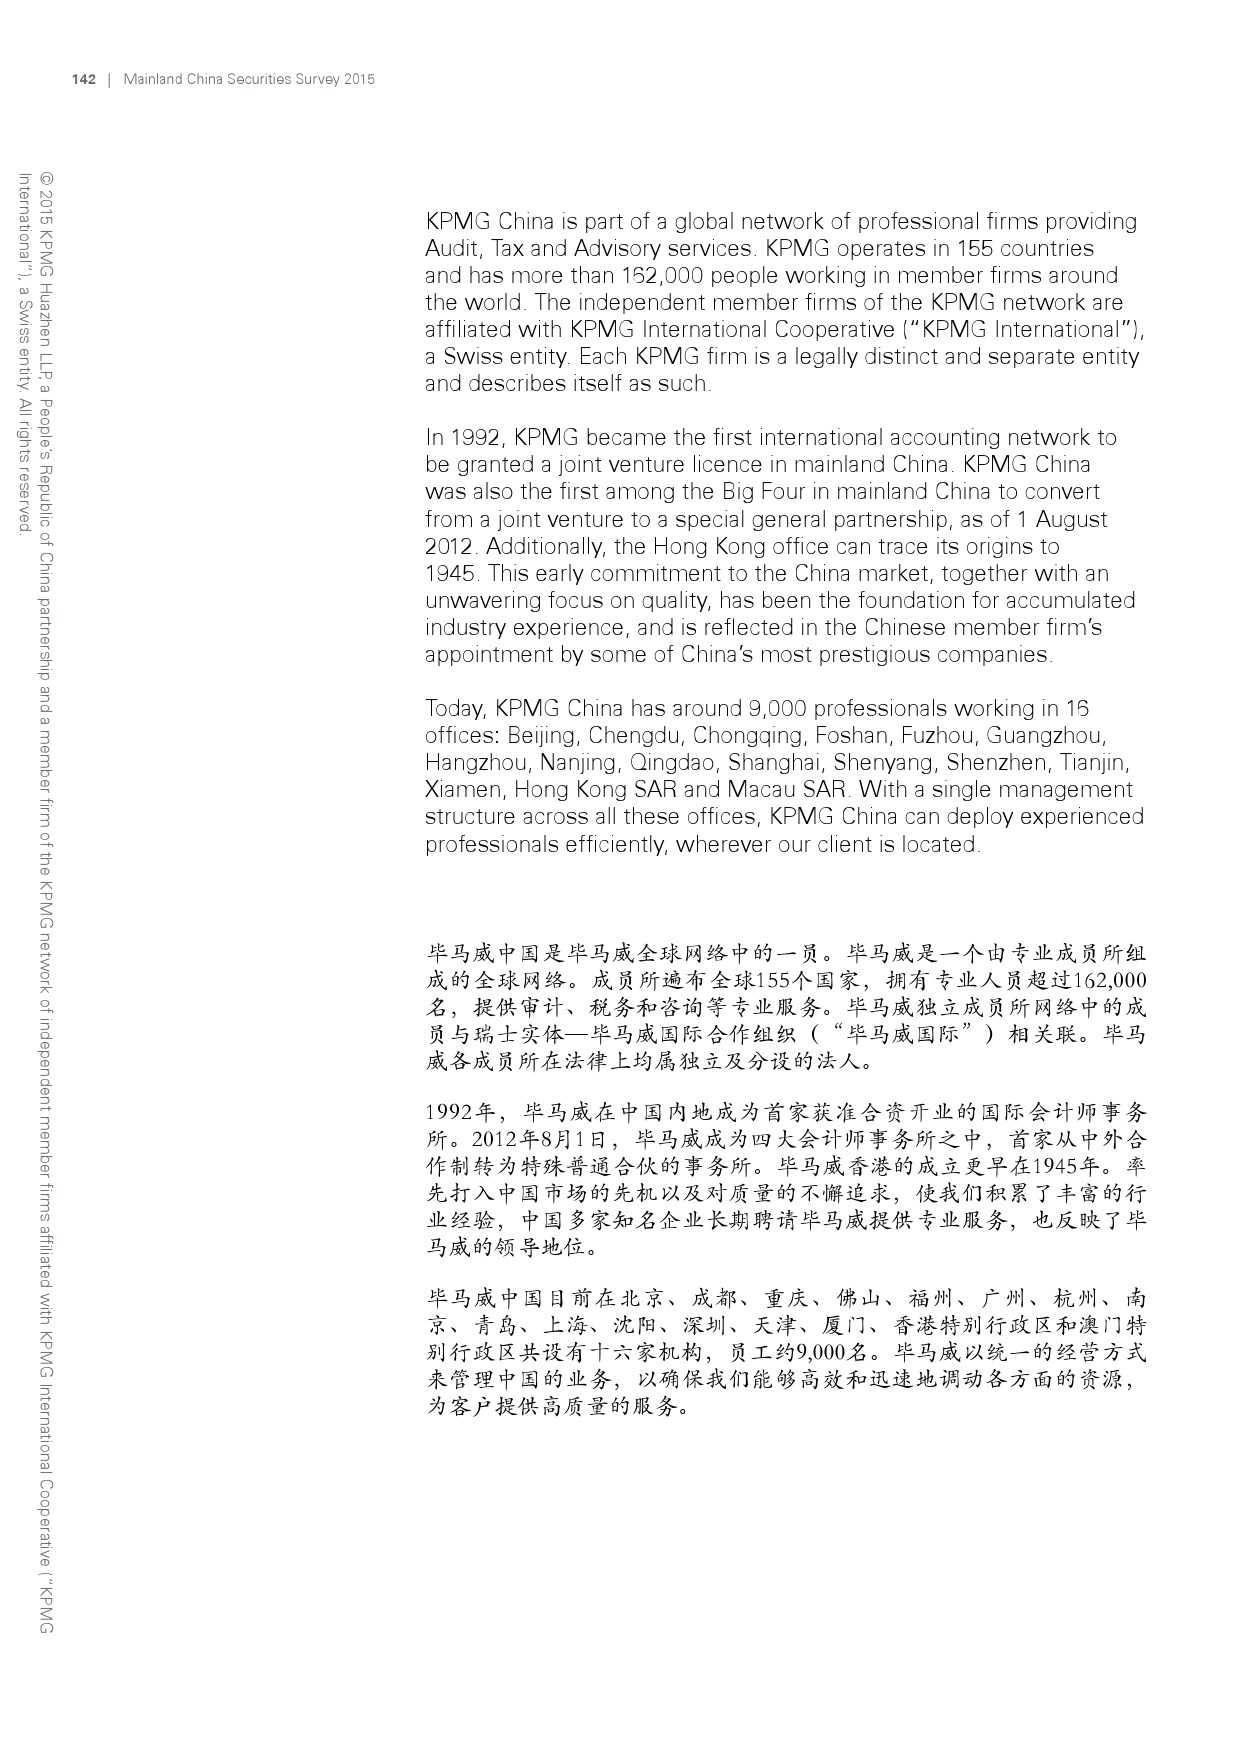 毕马威:2015年中国证券业调查报告_000144